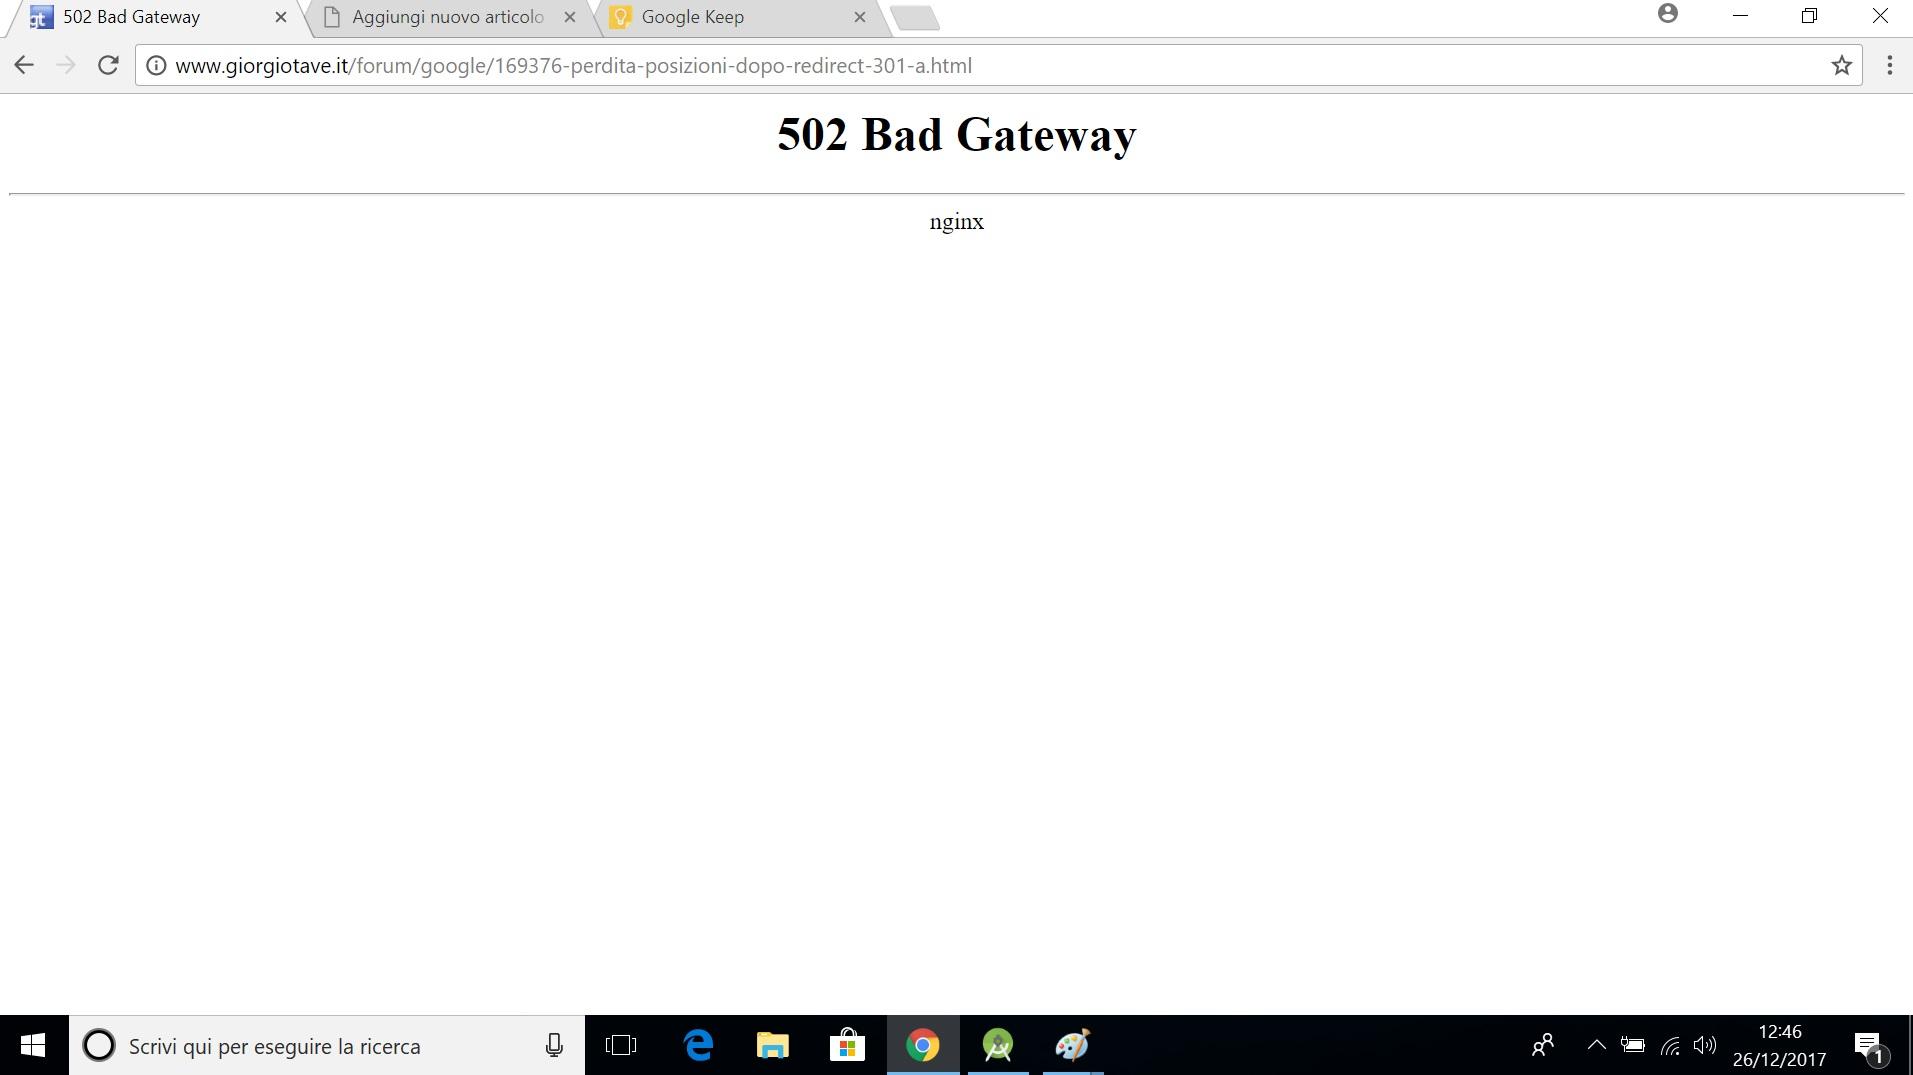 Giorgio Tave, errore apetura sito, 502 bad gateway